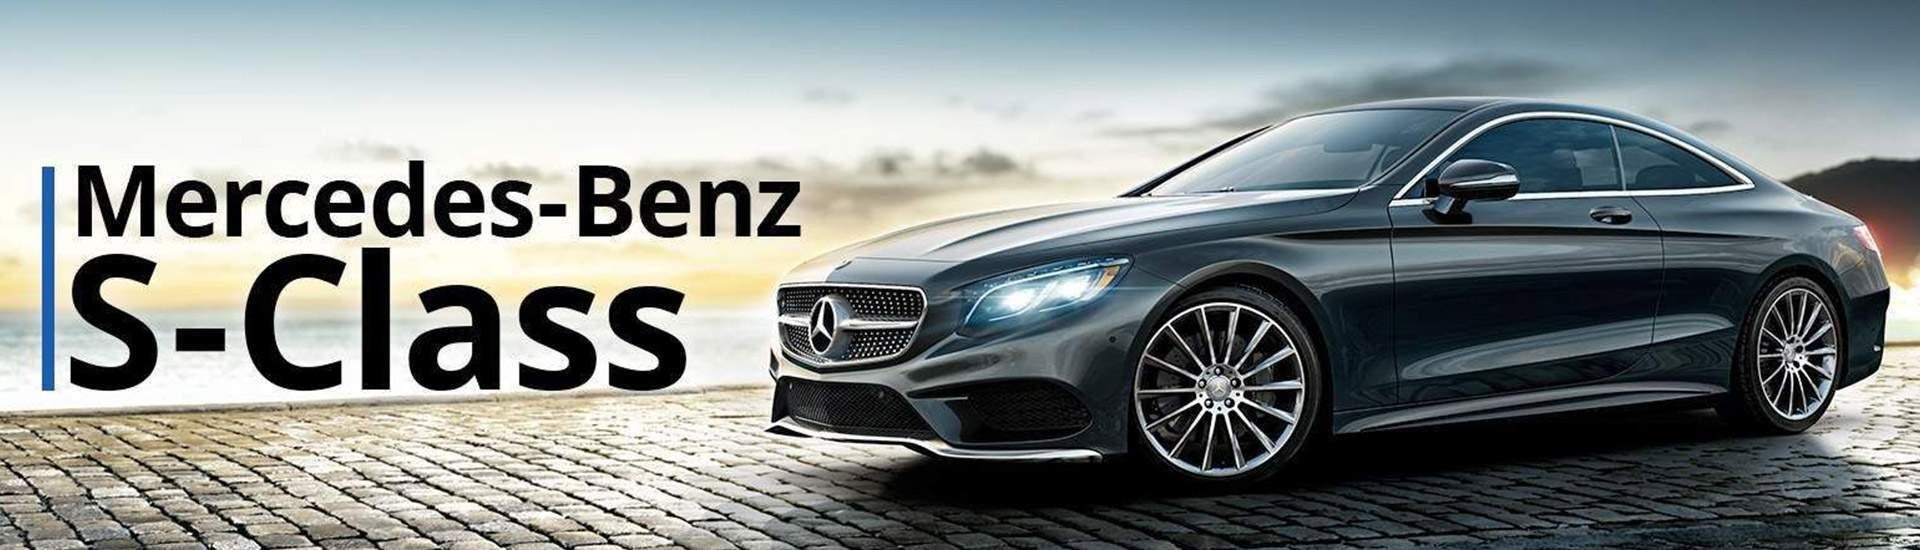 Bmw ford mazda mercedes benz dealerships mcallen tx for Mercedes benz mcallen